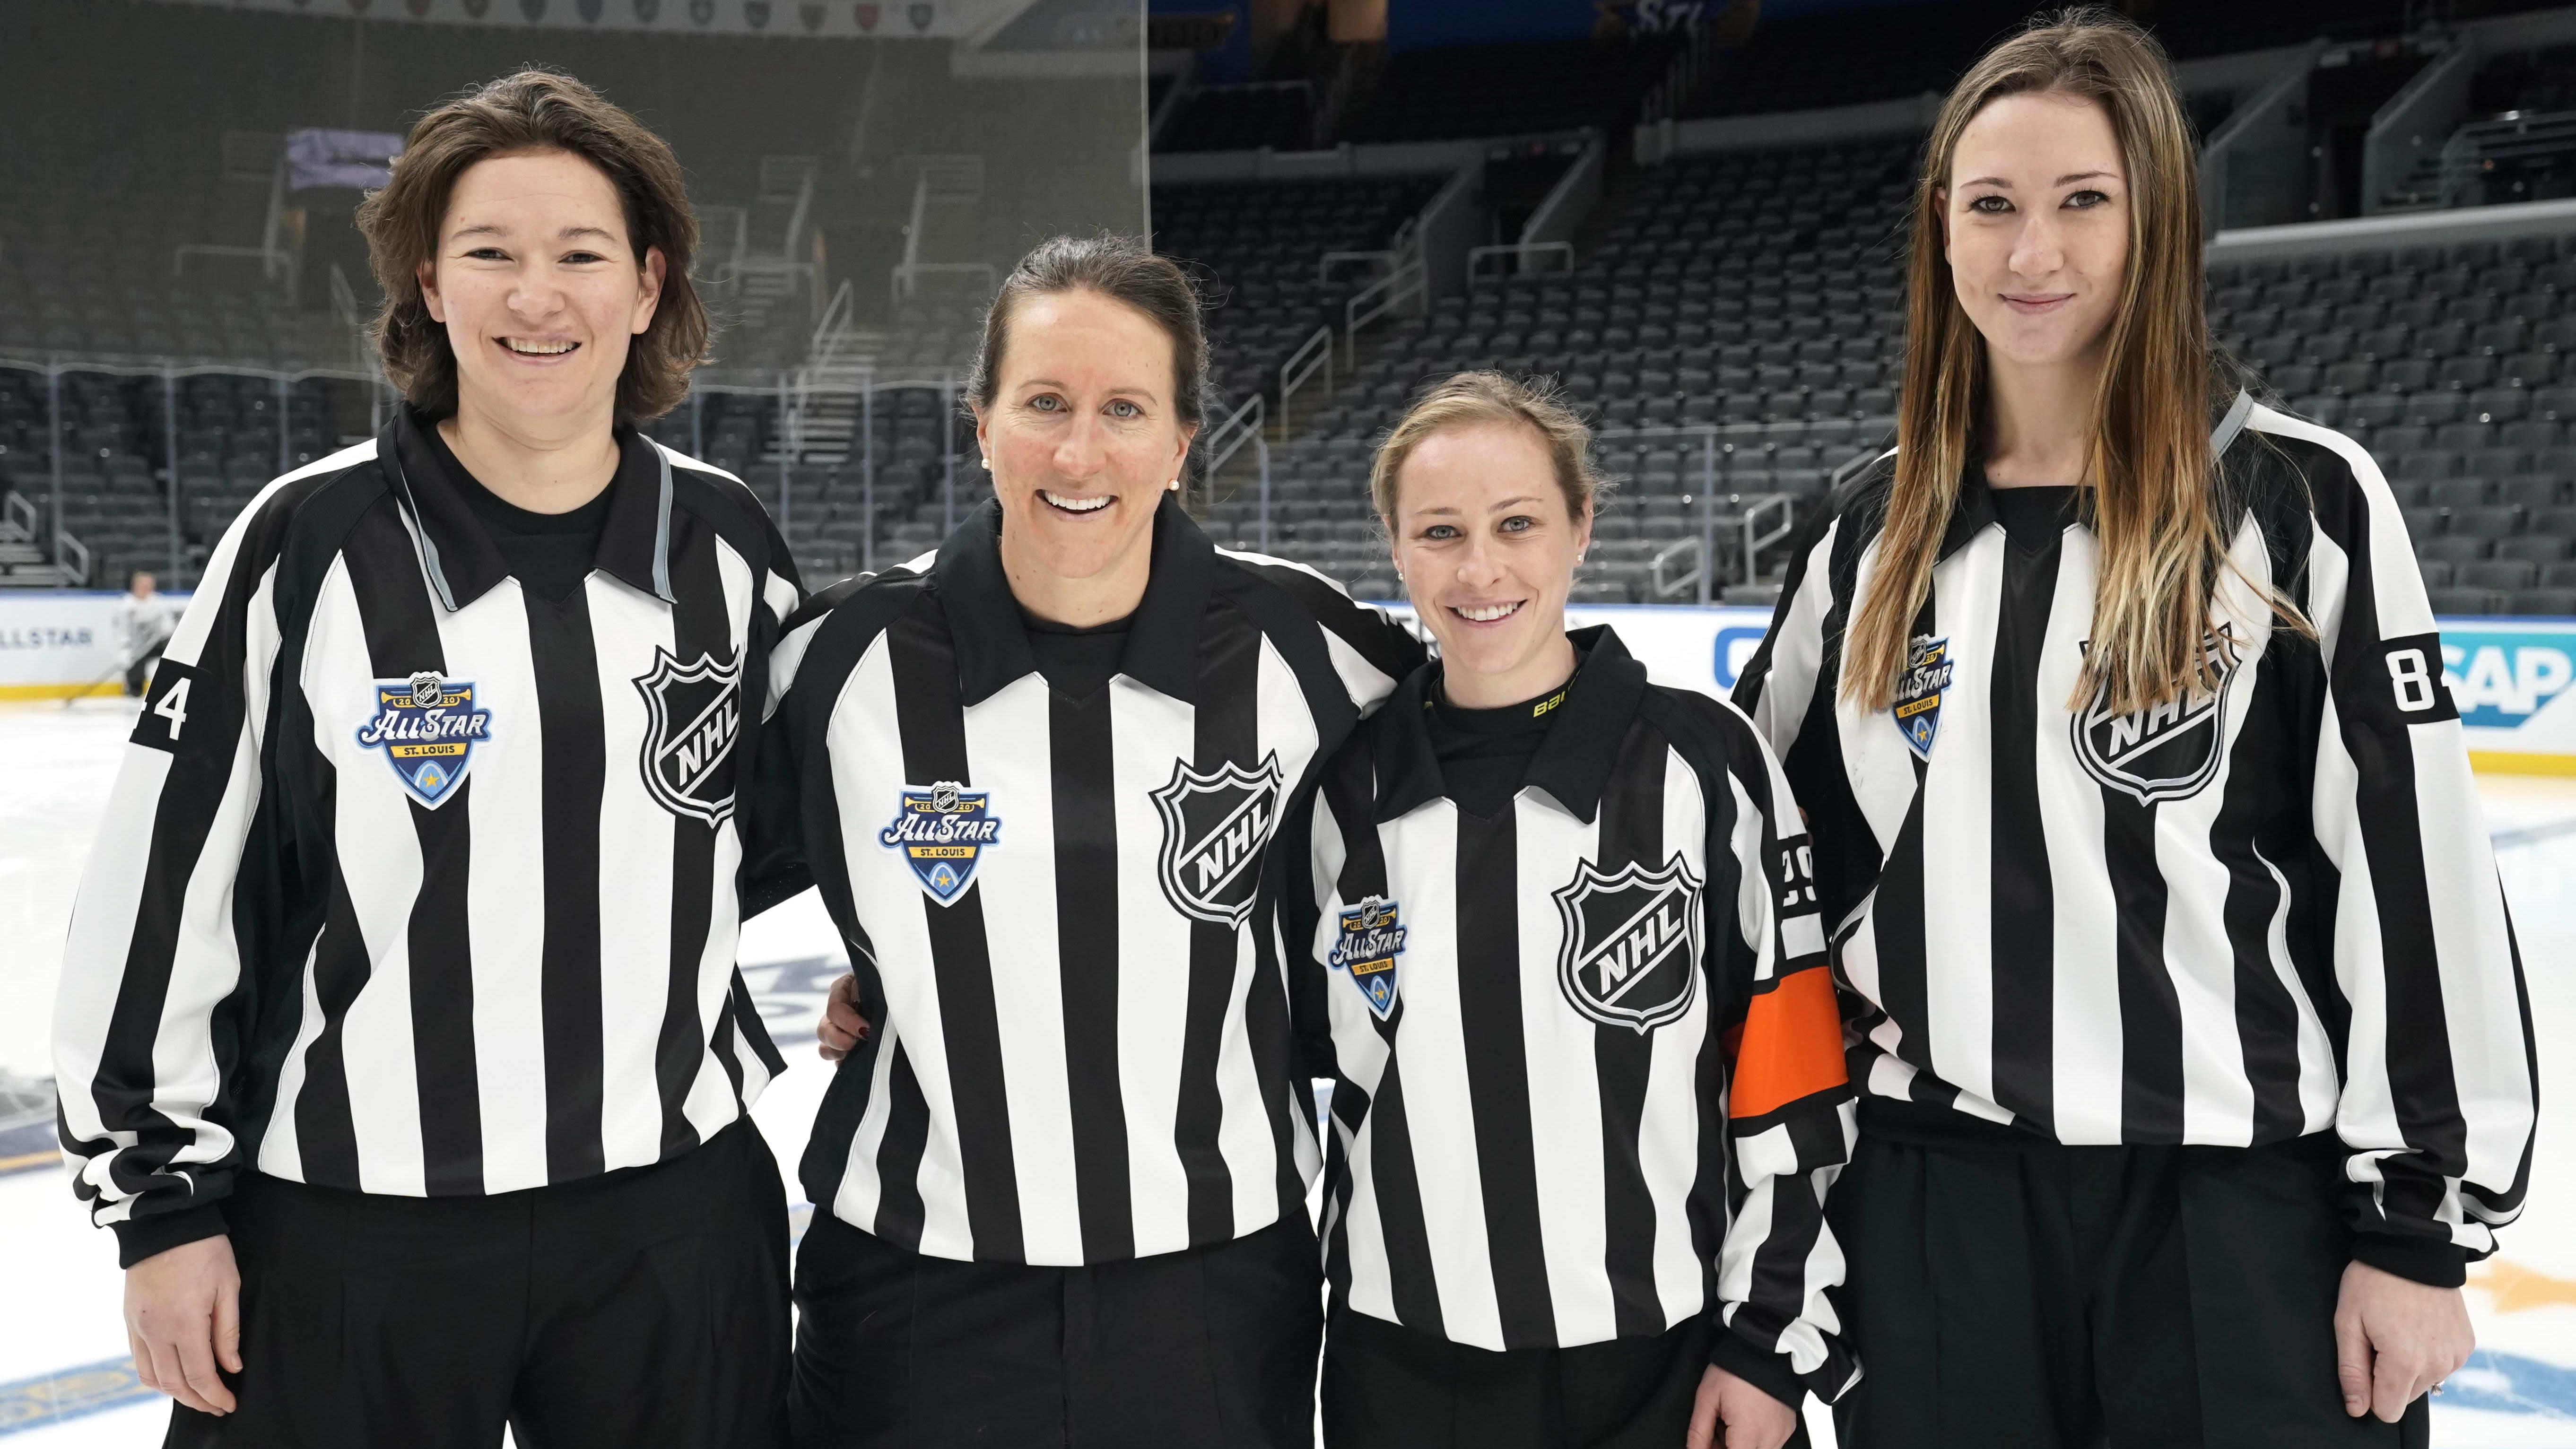 NHL-tähdistöviikonlopun 2020 naistuomarit vasemmalta alkaen; Kendall Hanley, Katie Guay, Kelly Cooke ja Kirsten Welsh.